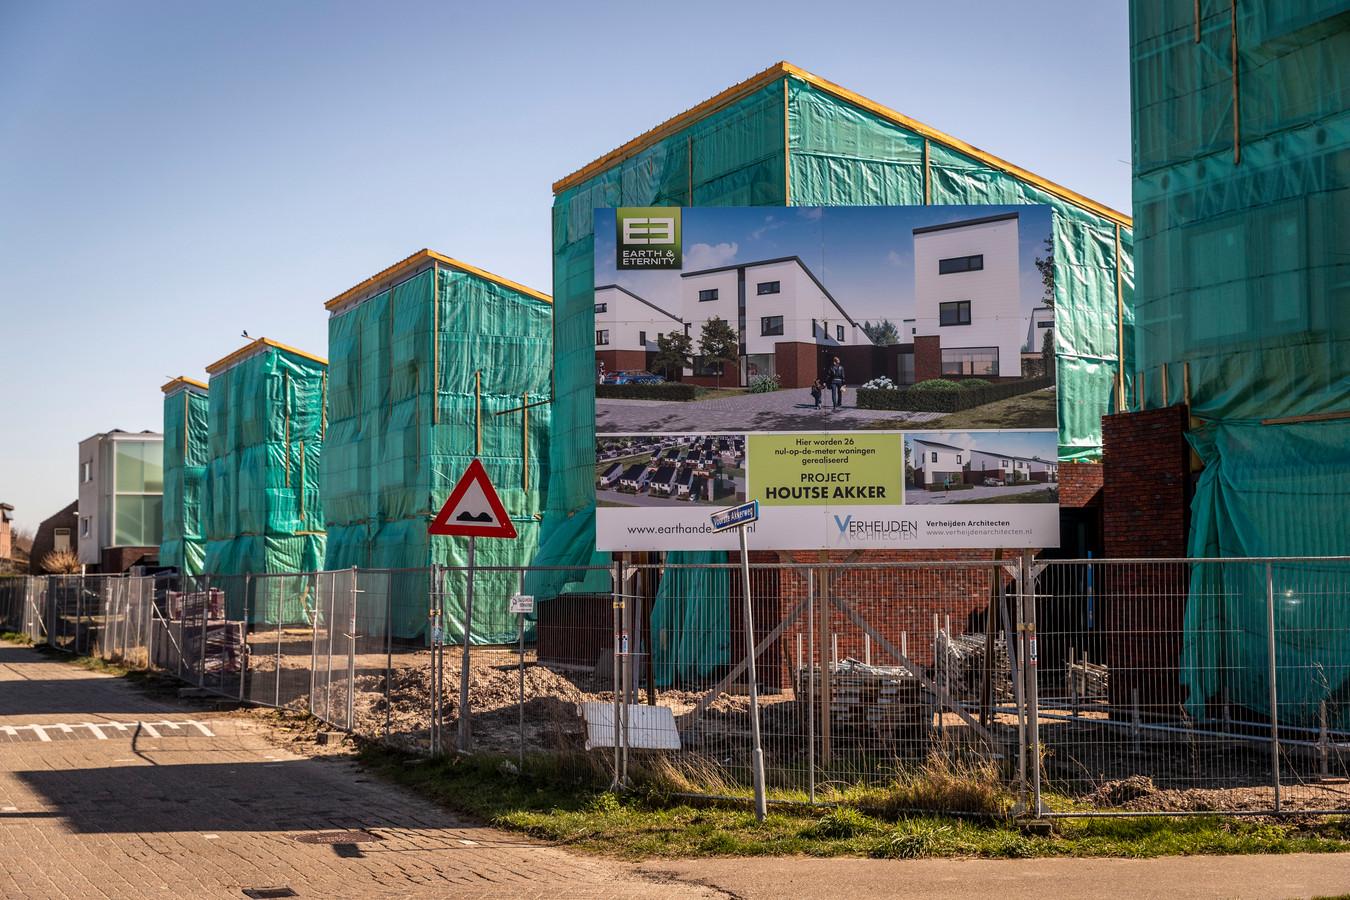 De bouw van 26 nul-op-meter woningen in de Helmondse wijk Mierlo-Hout ligt al lange tijd stil.